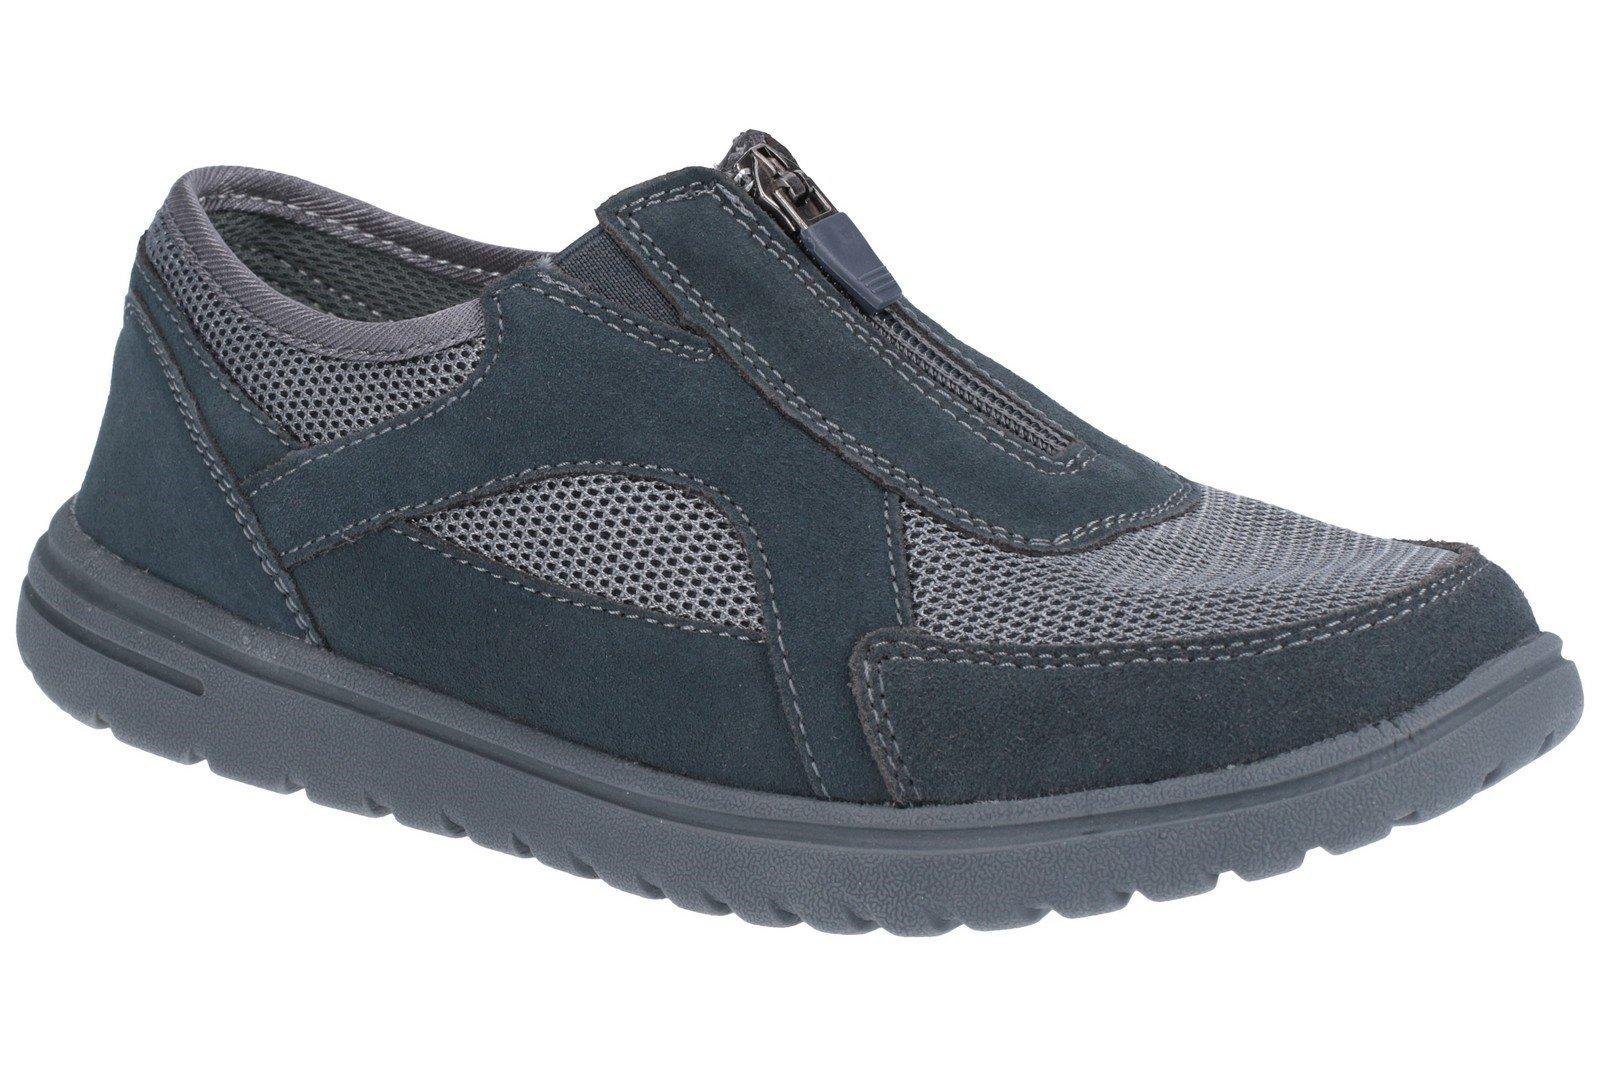 Fleet & Foster Women's Josie Zip Trainer Various Colours 27153-45622 - Grey 3